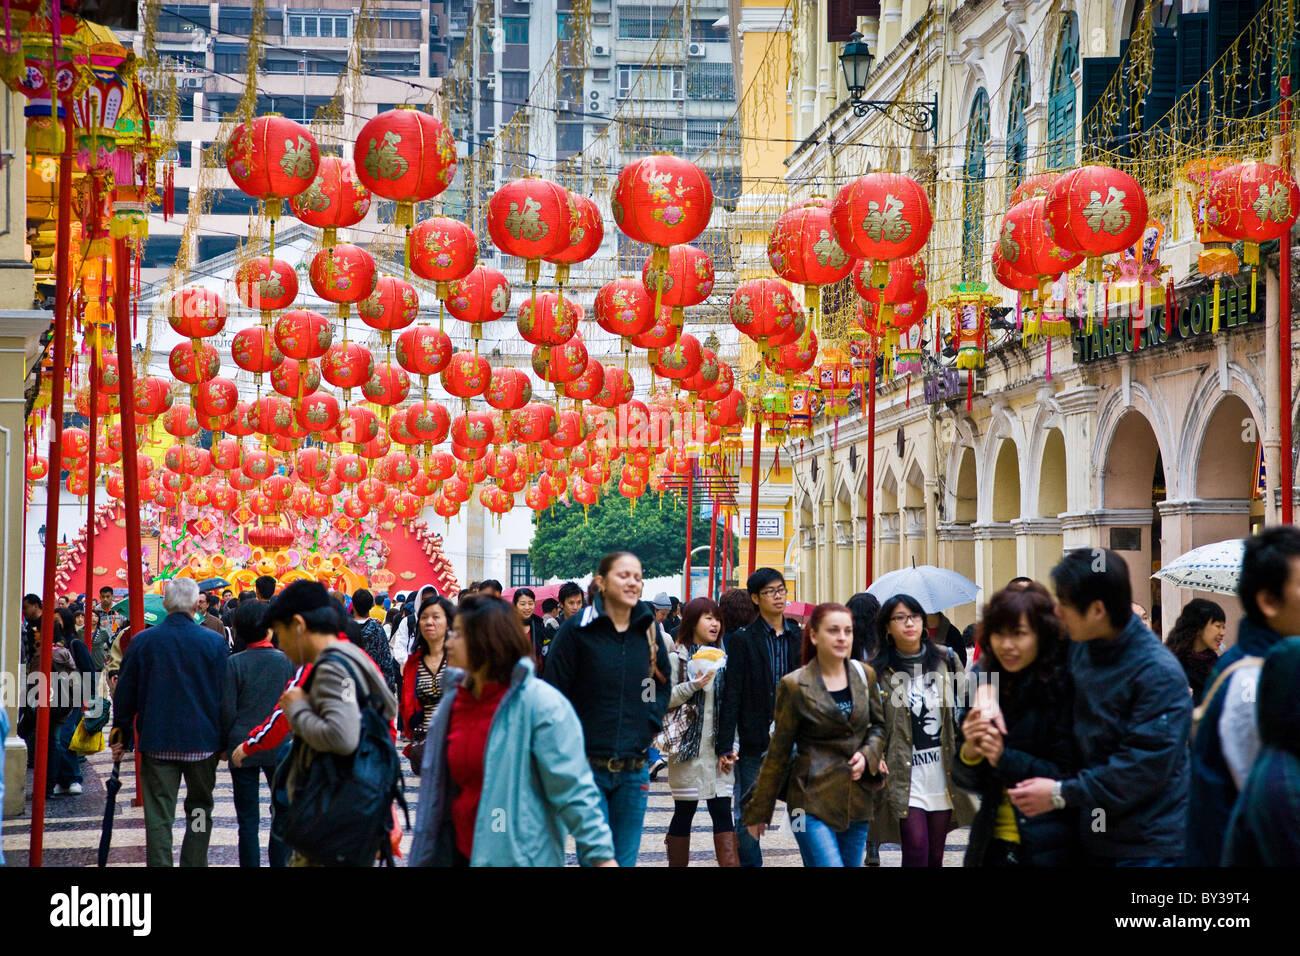 Anno Nuovo Cinese lanterne al di sopra di una folla di persone locali in una strada a Macao Cina. JMH4165 Immagini Stock